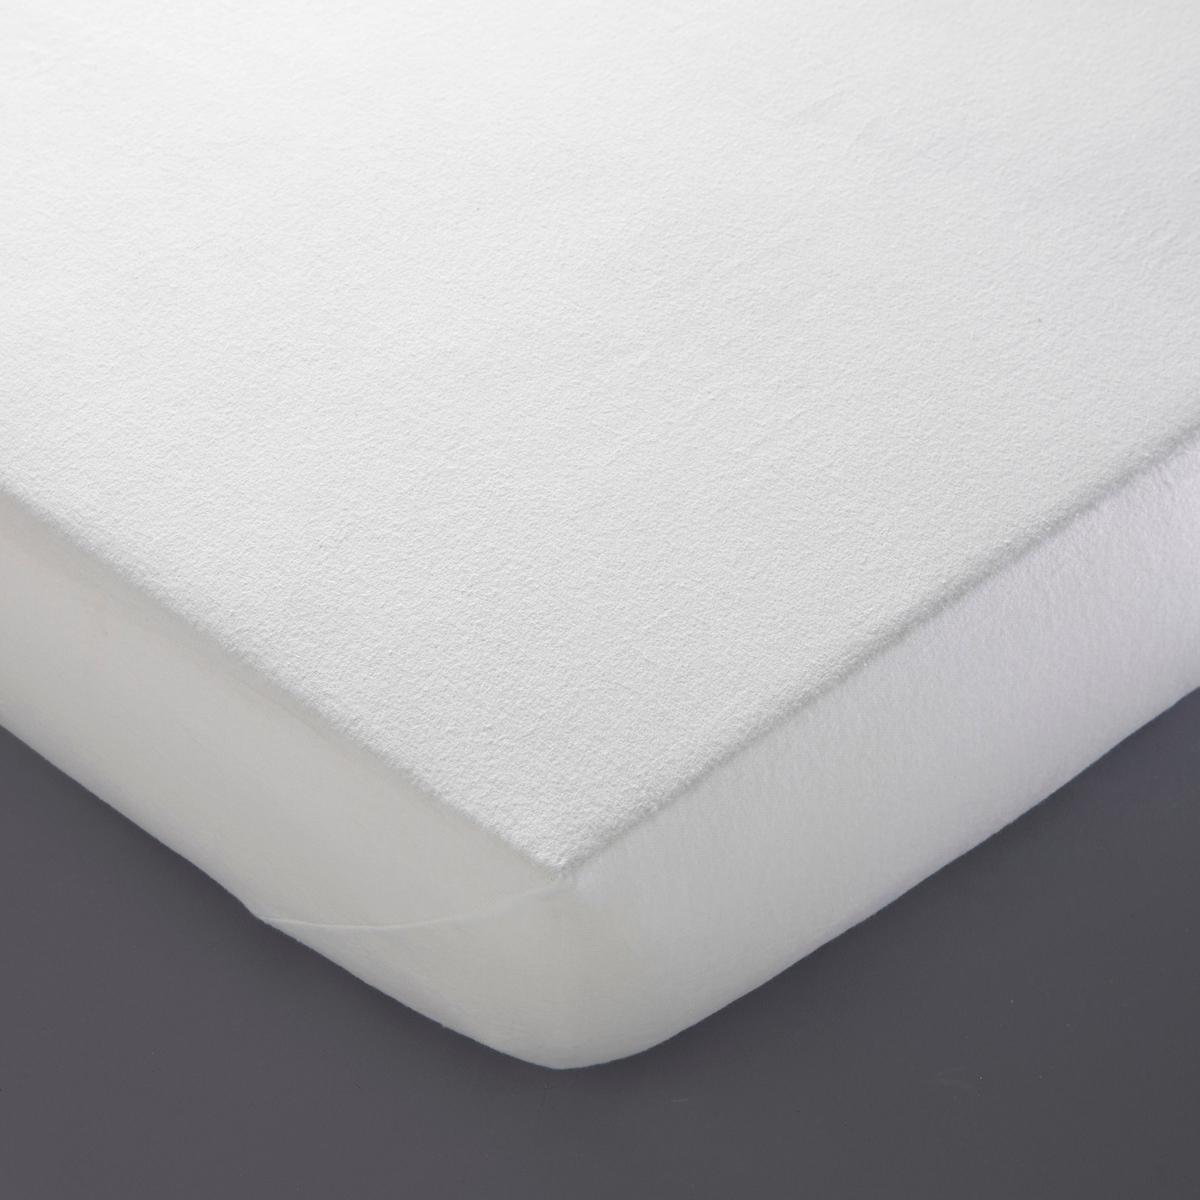 Чехол защитный для матраса из мольтона чехол защитный для подушки из стретч мольтона